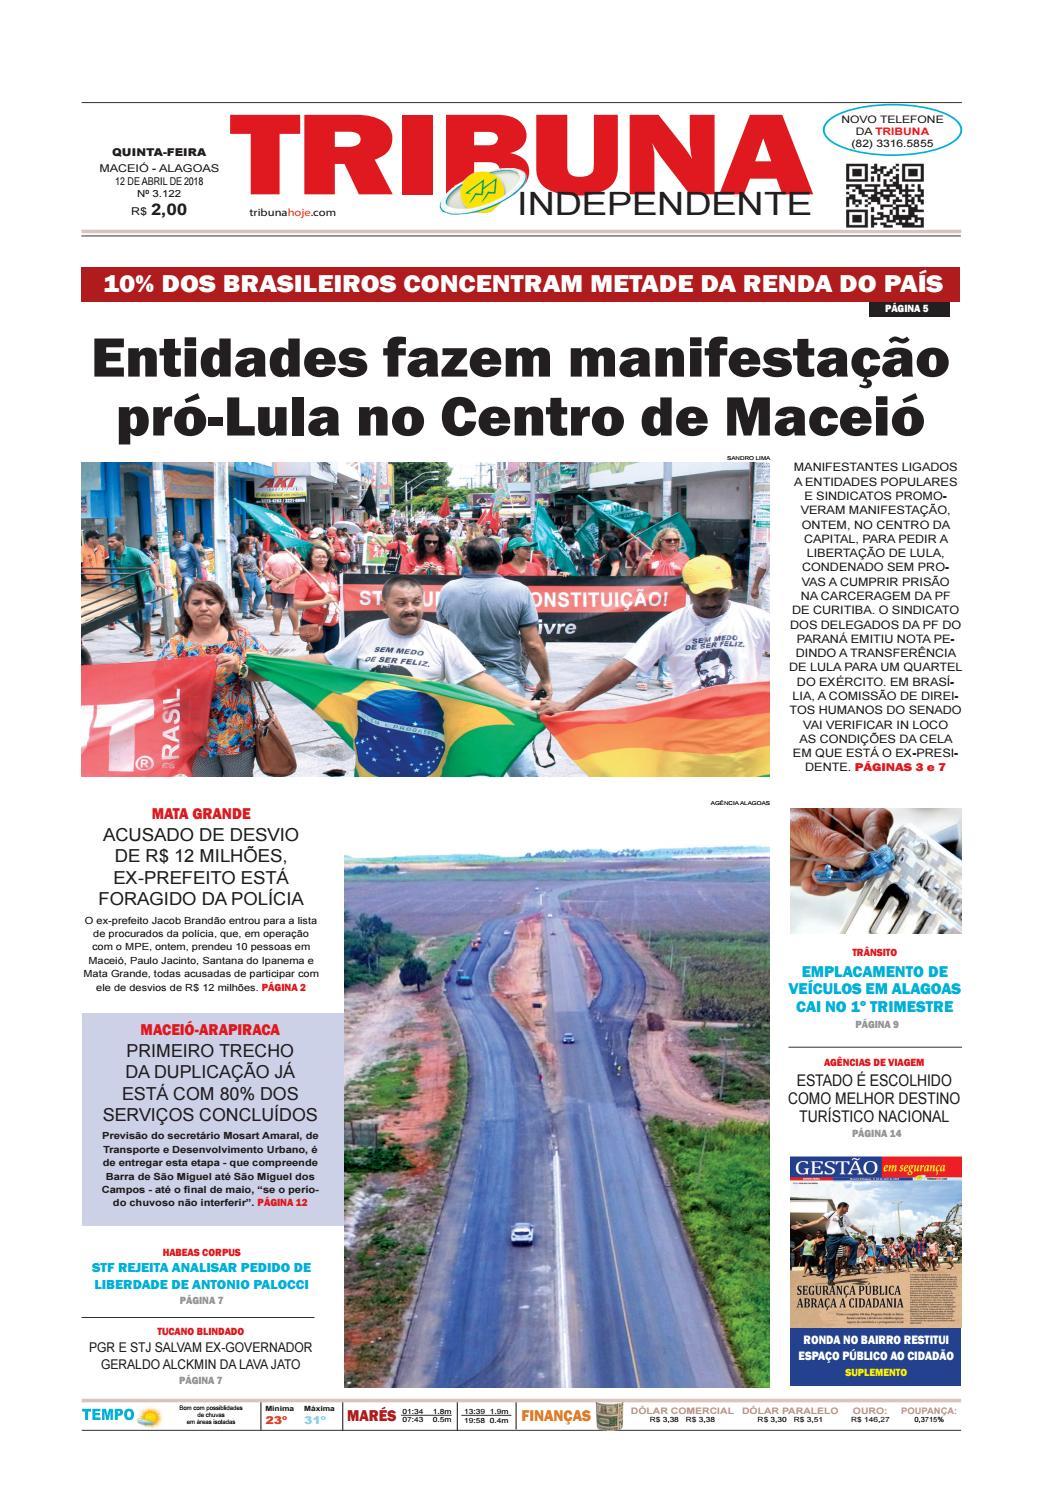 91a2595b59 Edição número 3122 - 12 de abril de 2018 by Tribuna Hoje - issuu